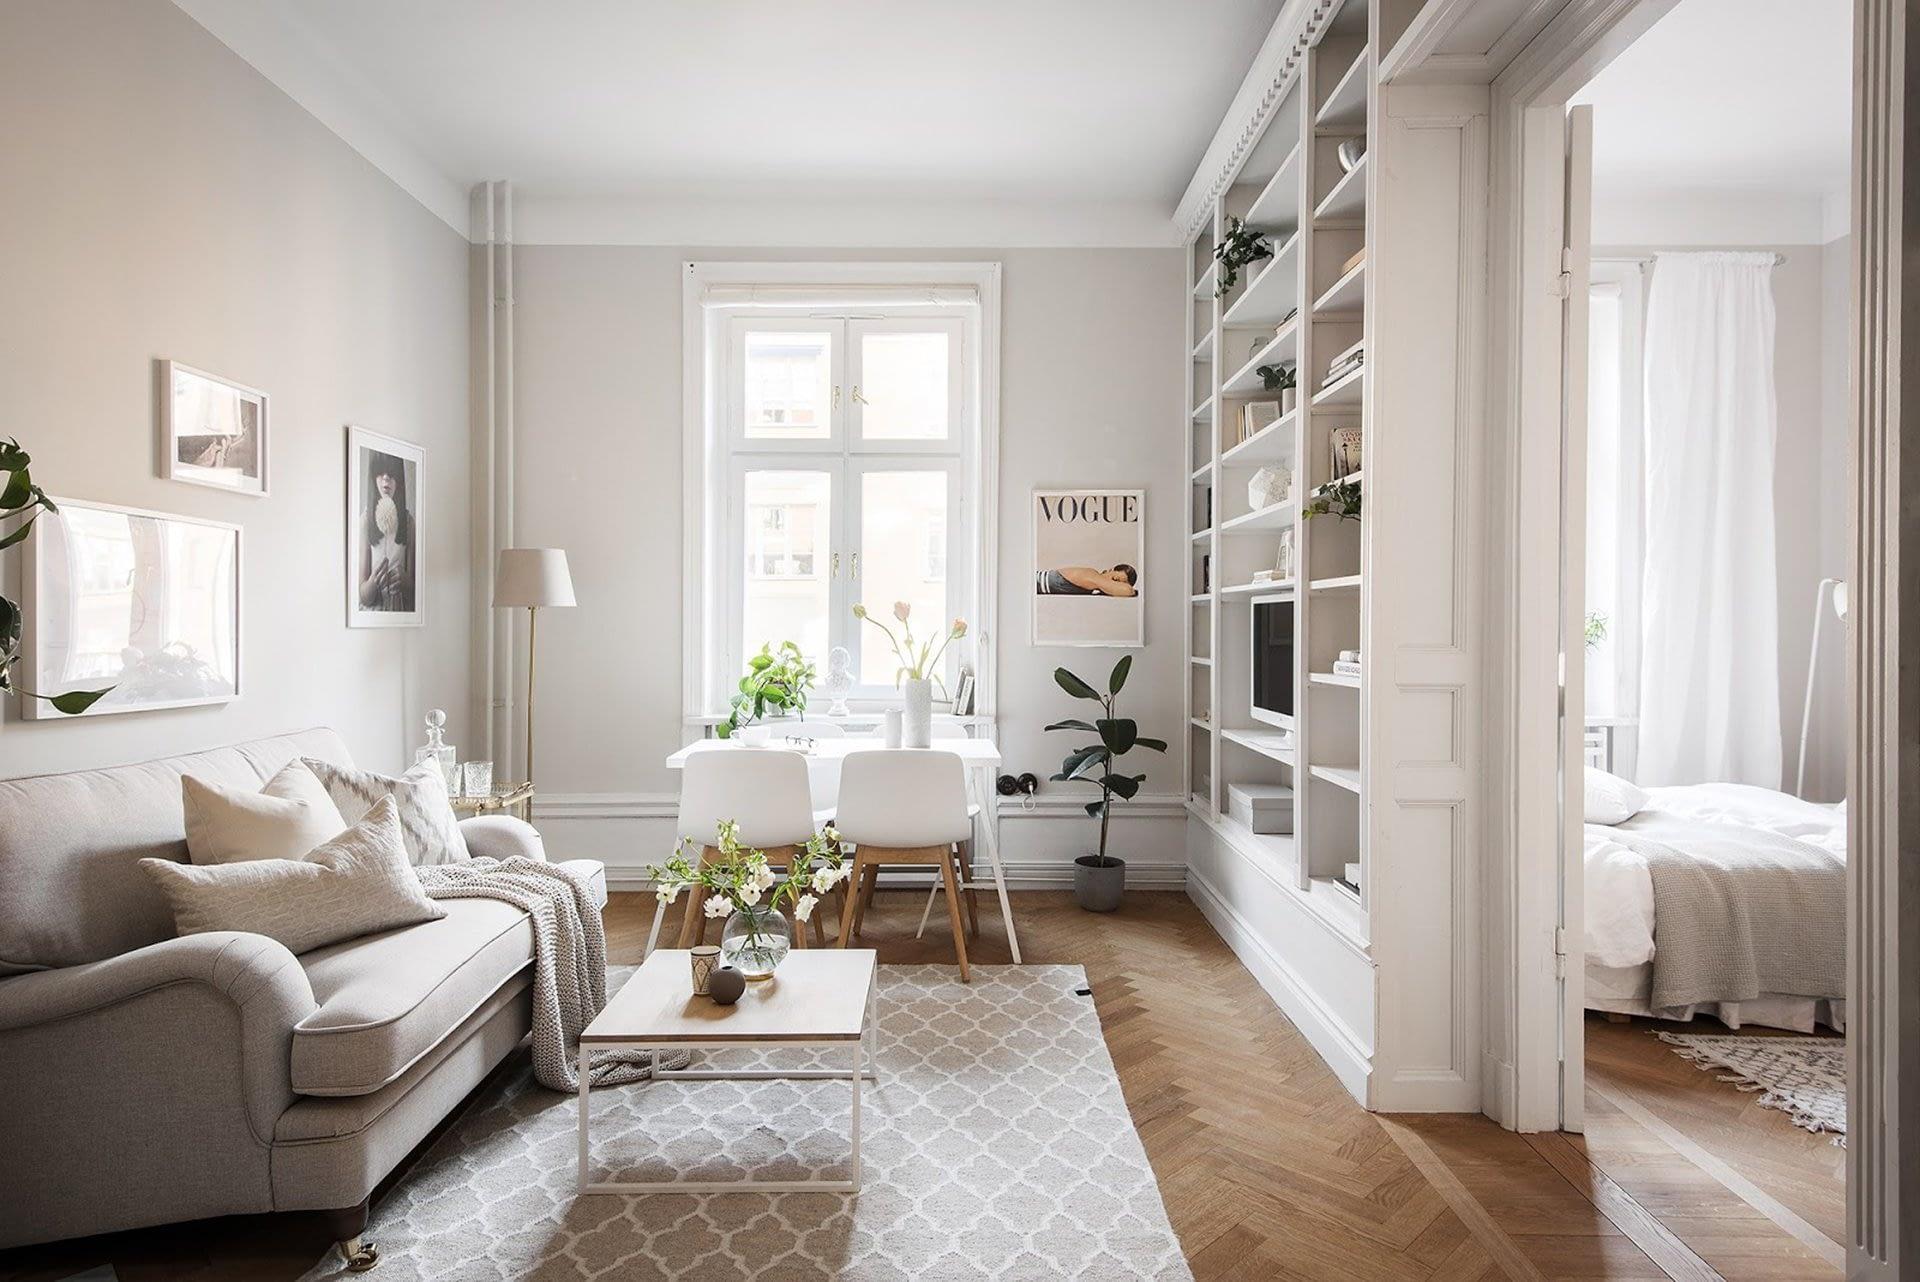 Amenajare scandinava in tonuri naturale de culoare intr-un apartament de 43 mp. 6